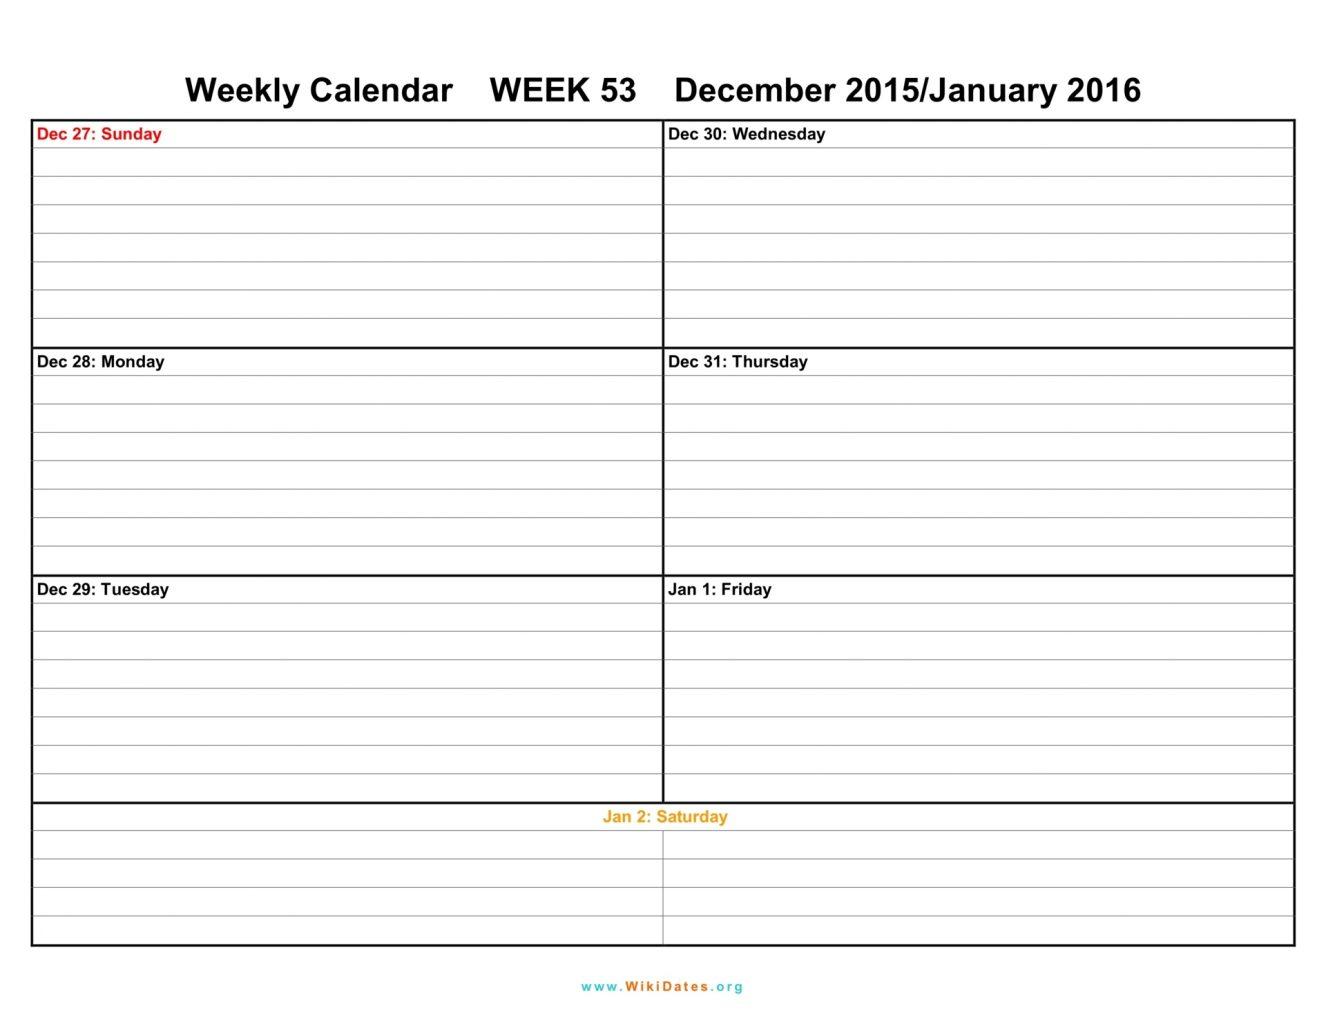 Free Printable Weekly Calendar Tes Blank June Schedule | Smorad - Free Printable Weekly Planner 2017